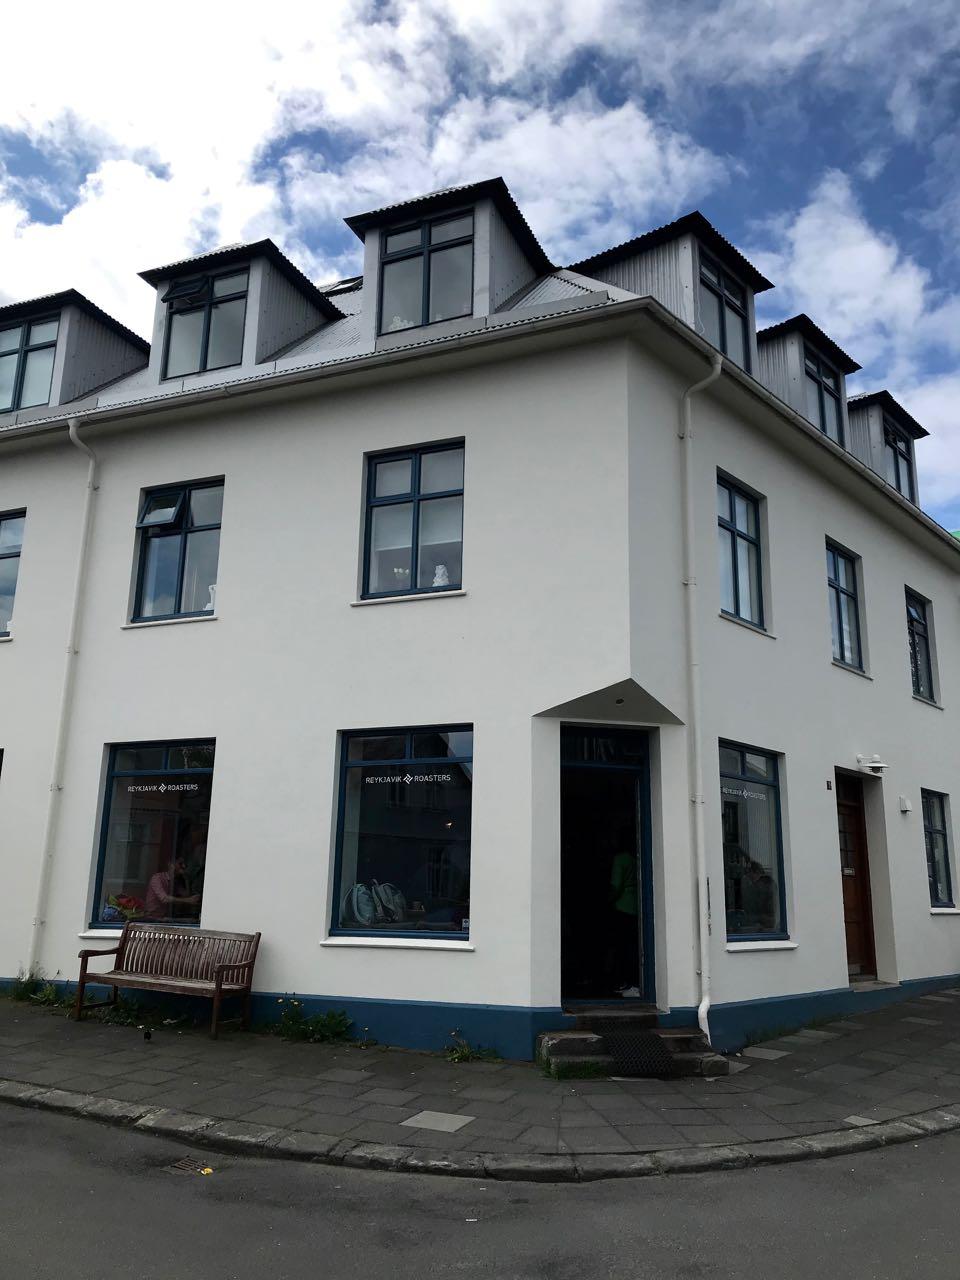 Reykjavik Roasters.jpg